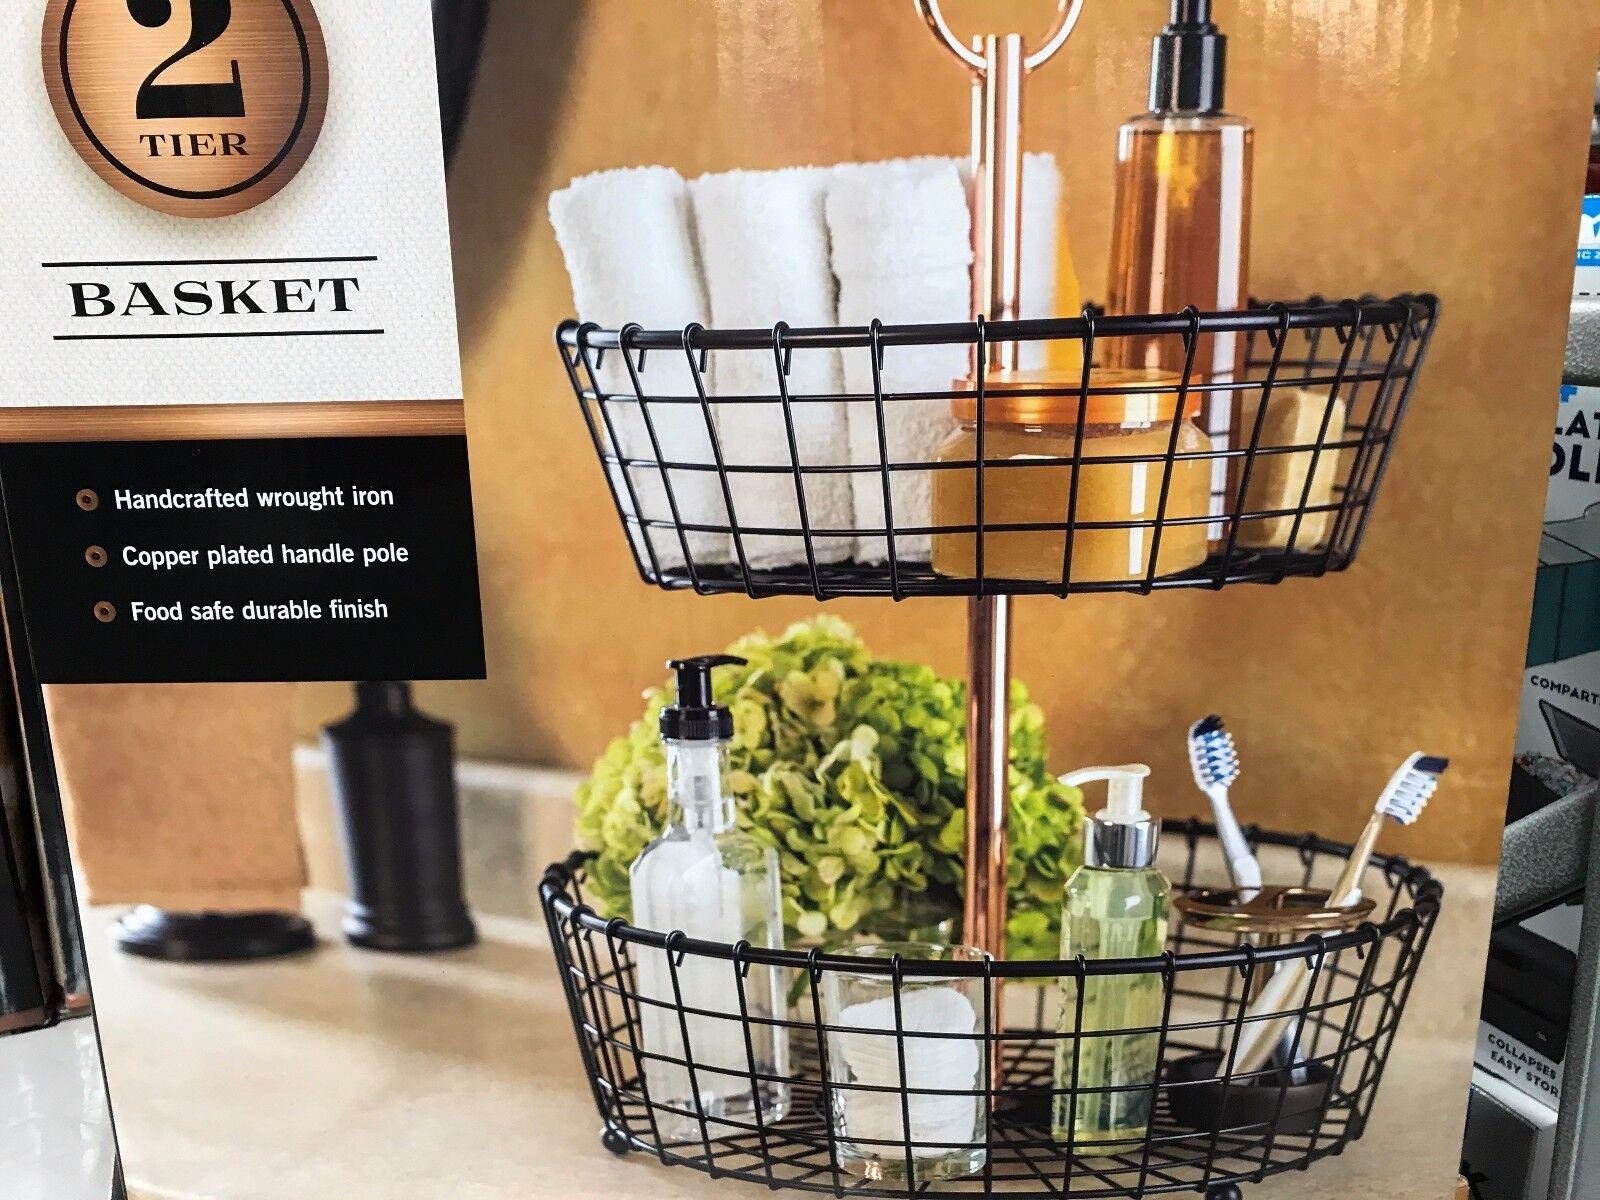 Two-cravater Wire Basket Stand Organizer Kitchen Bathroom Dorm Room Must-have